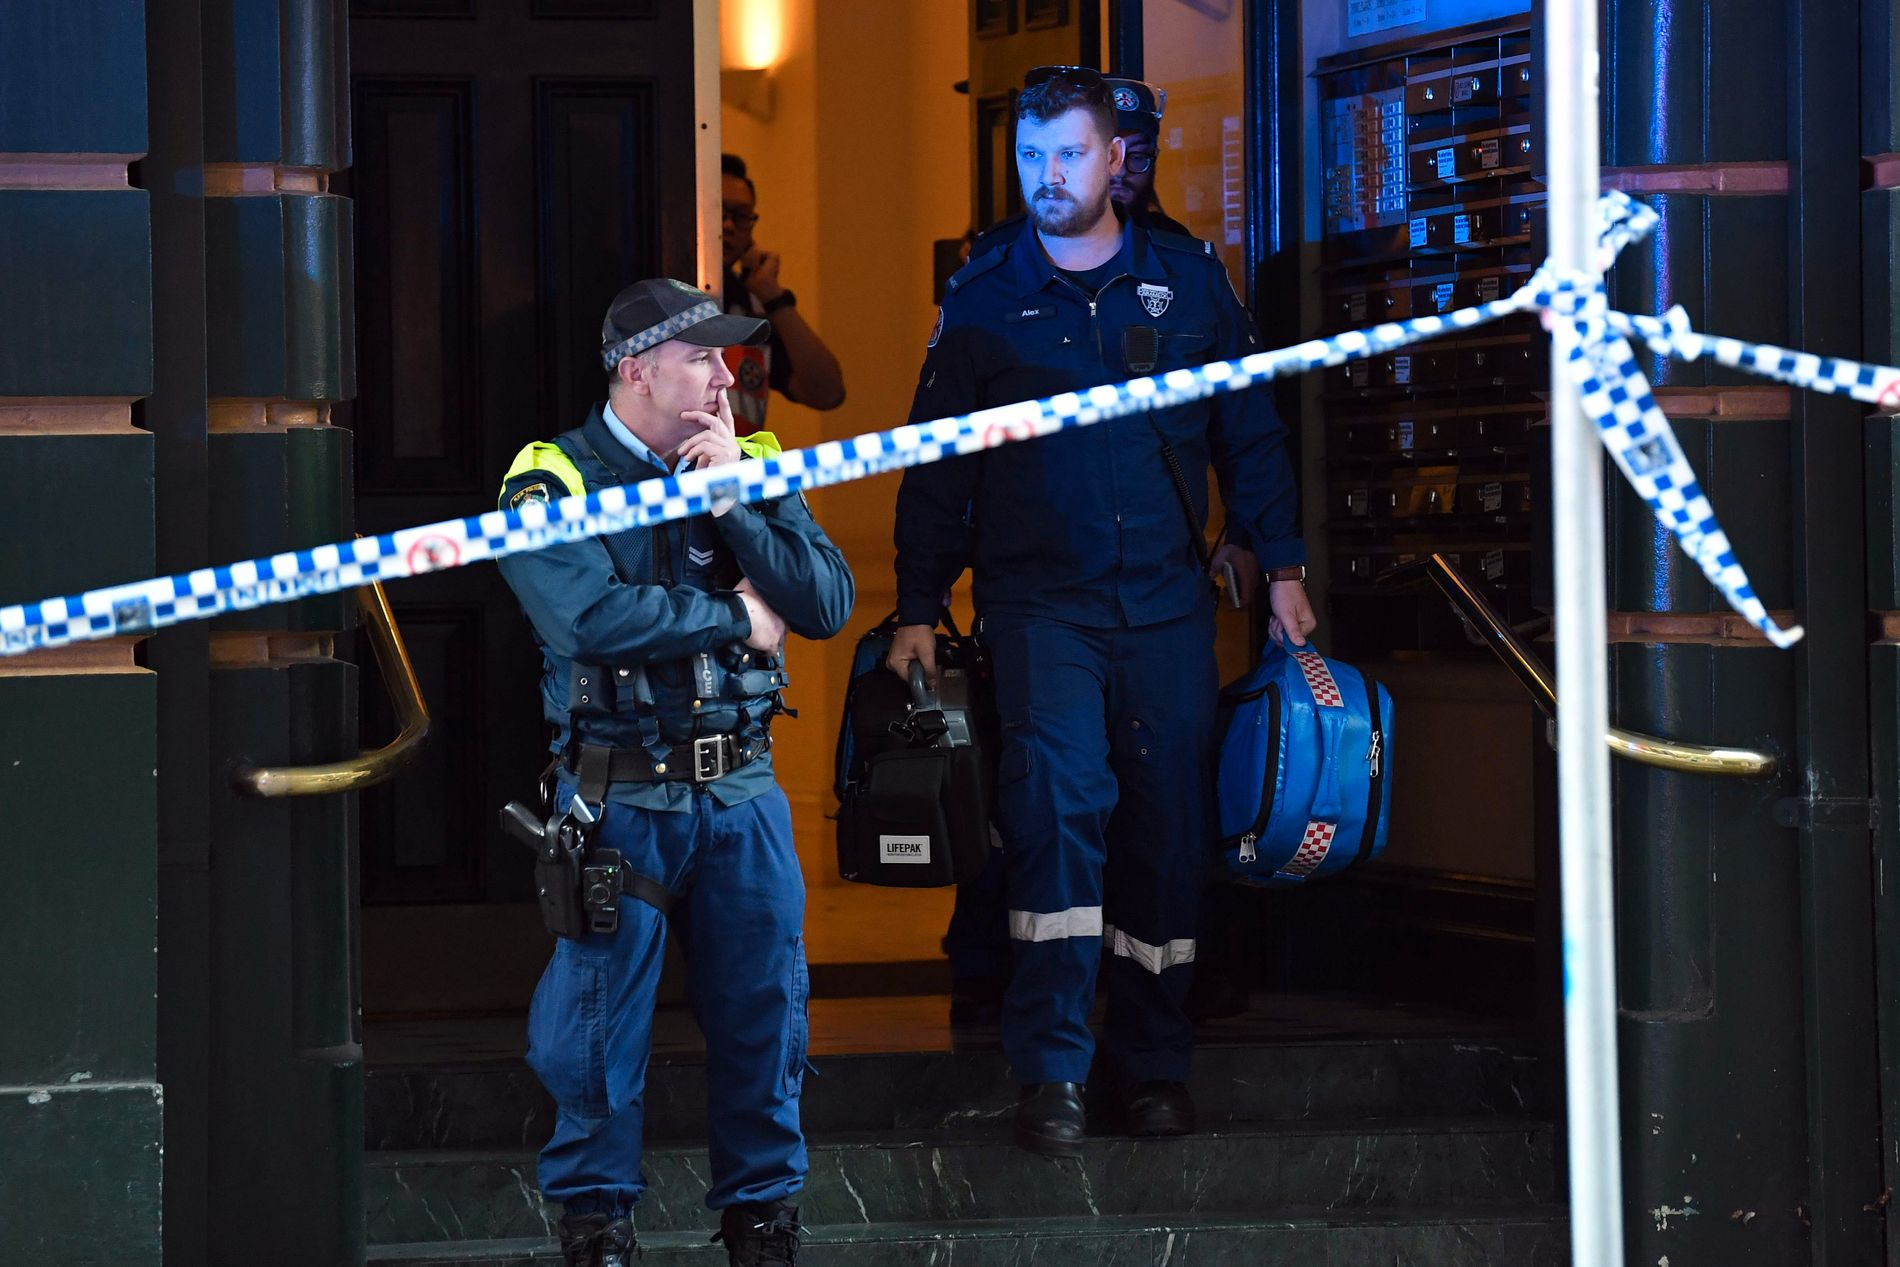 FANT KVINNE: Politiet etterforsker funnet av en knivstukket kvinne i Sydney tirsdag. Politiet tror hun er drept av knivmannen som ble pågrepet litt tidligere.